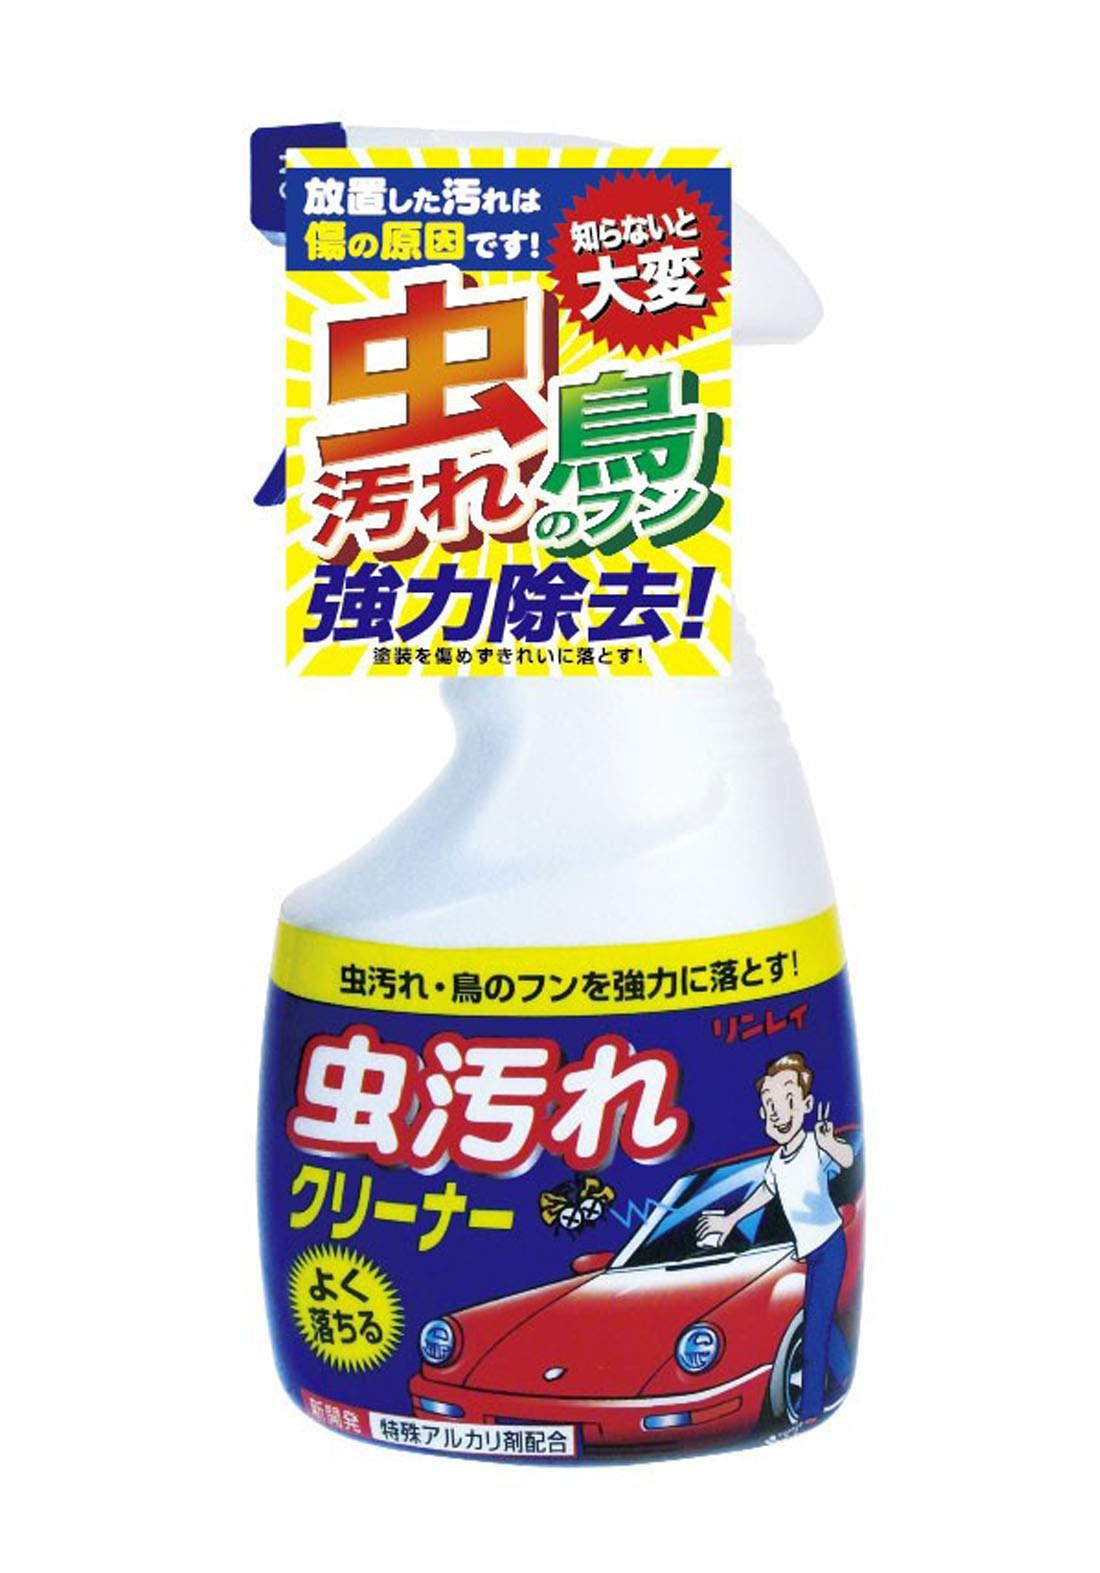 Rinrei 290218 Insect Stain Cleaner Spray 400 ml  ملمع زجاج السيارة